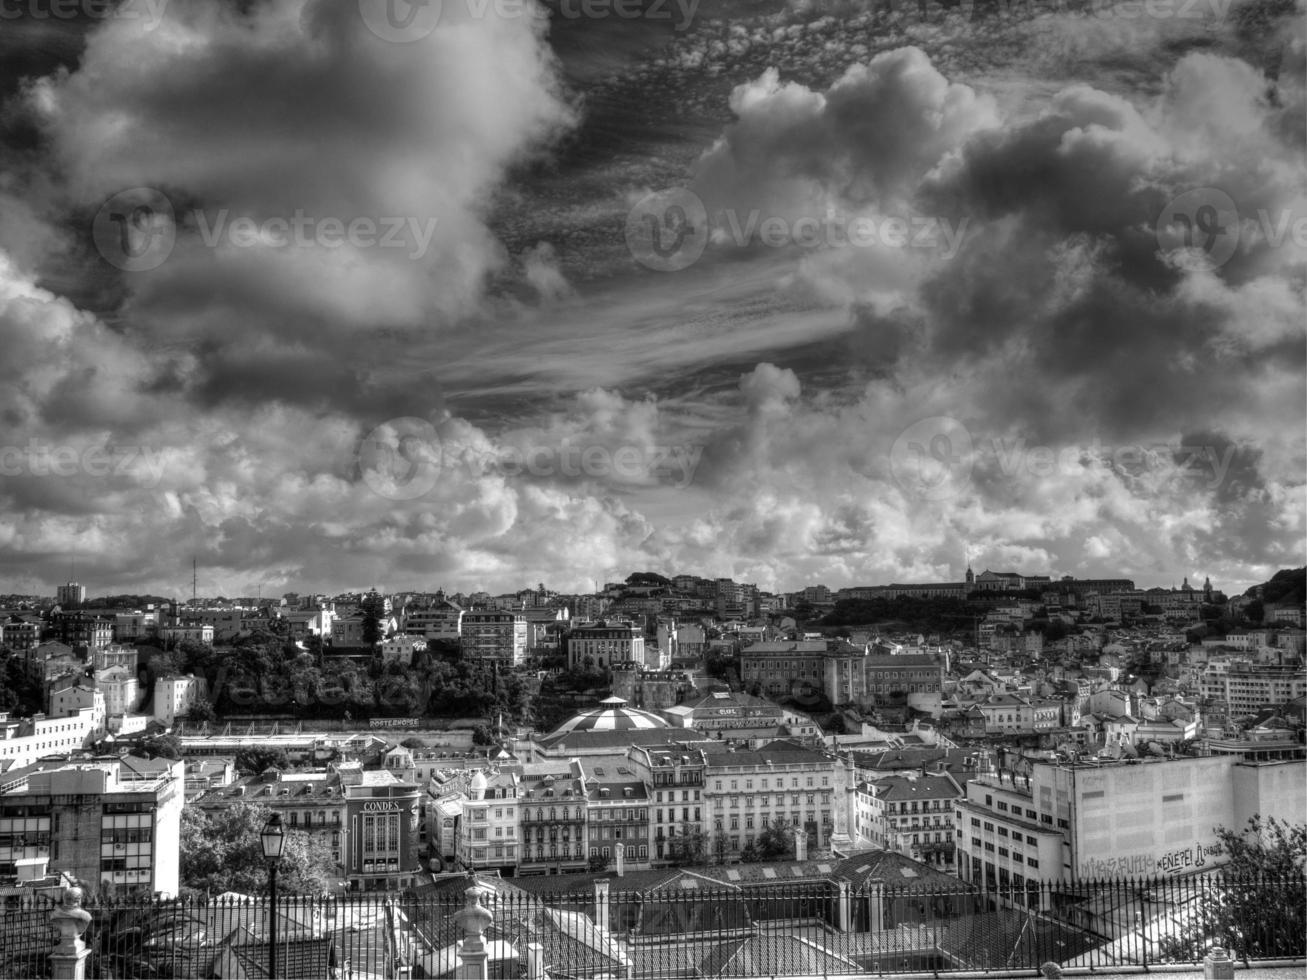 paisaje urbano de lisboa en blanco y negro foto